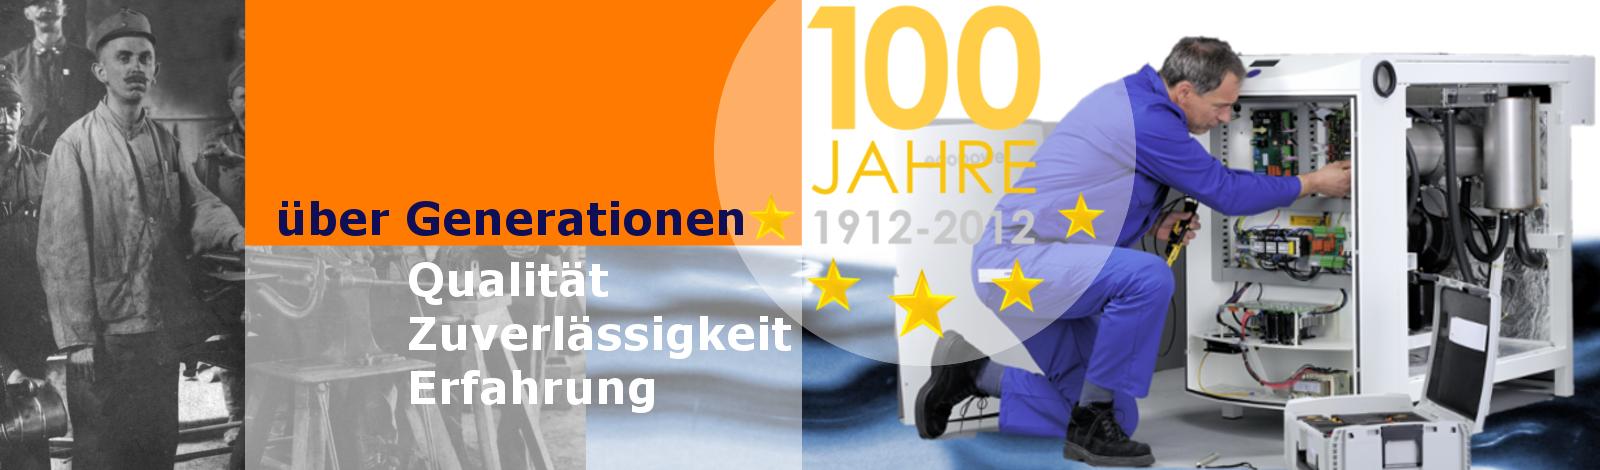 02_KB_website_start_100Jahre